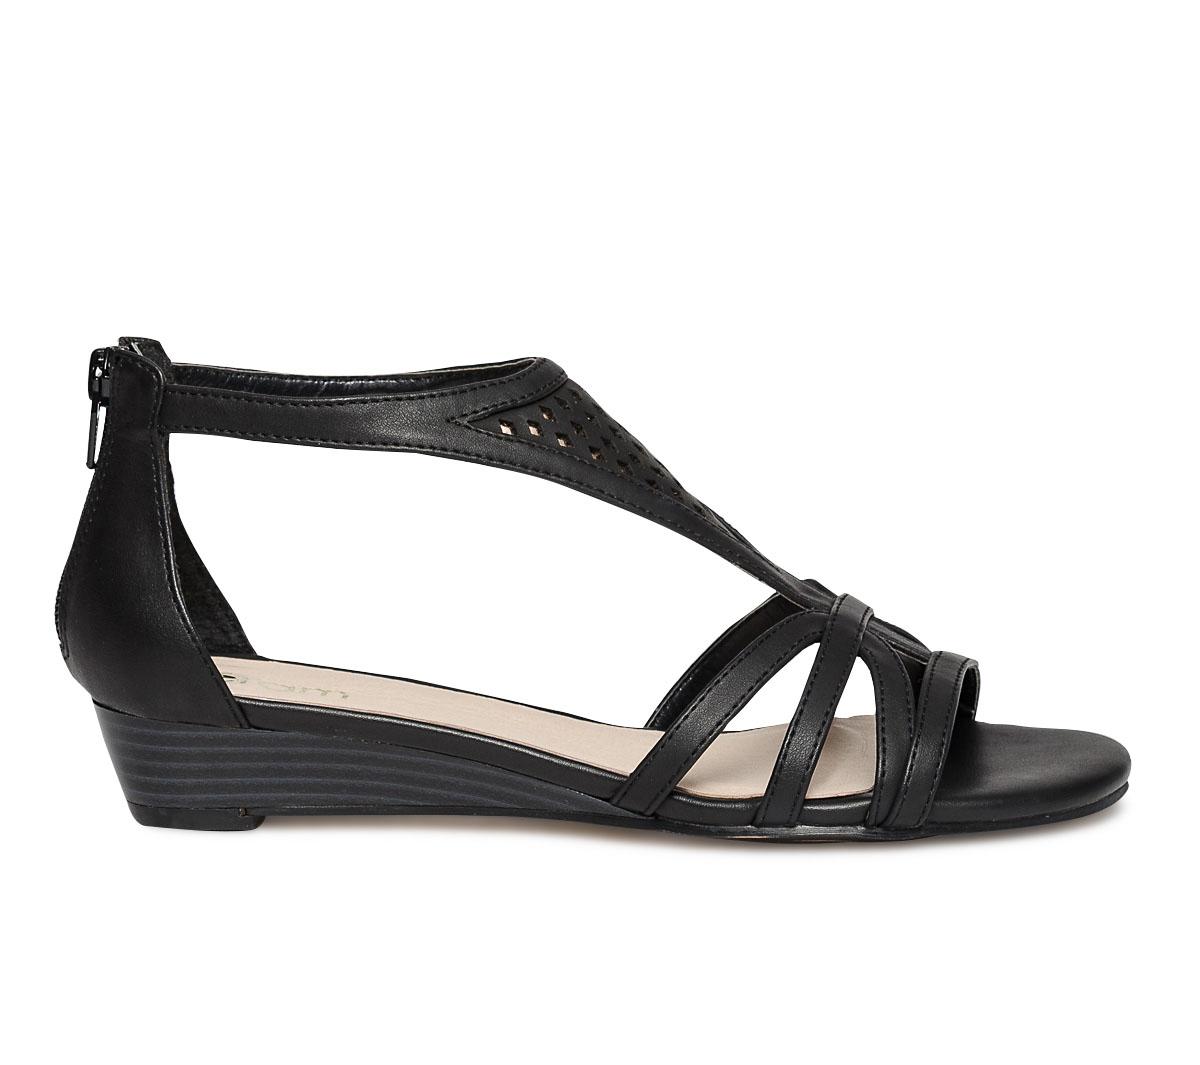 Sandale Eram Et Noire Cuivrée Compensée 0XwPk8nO